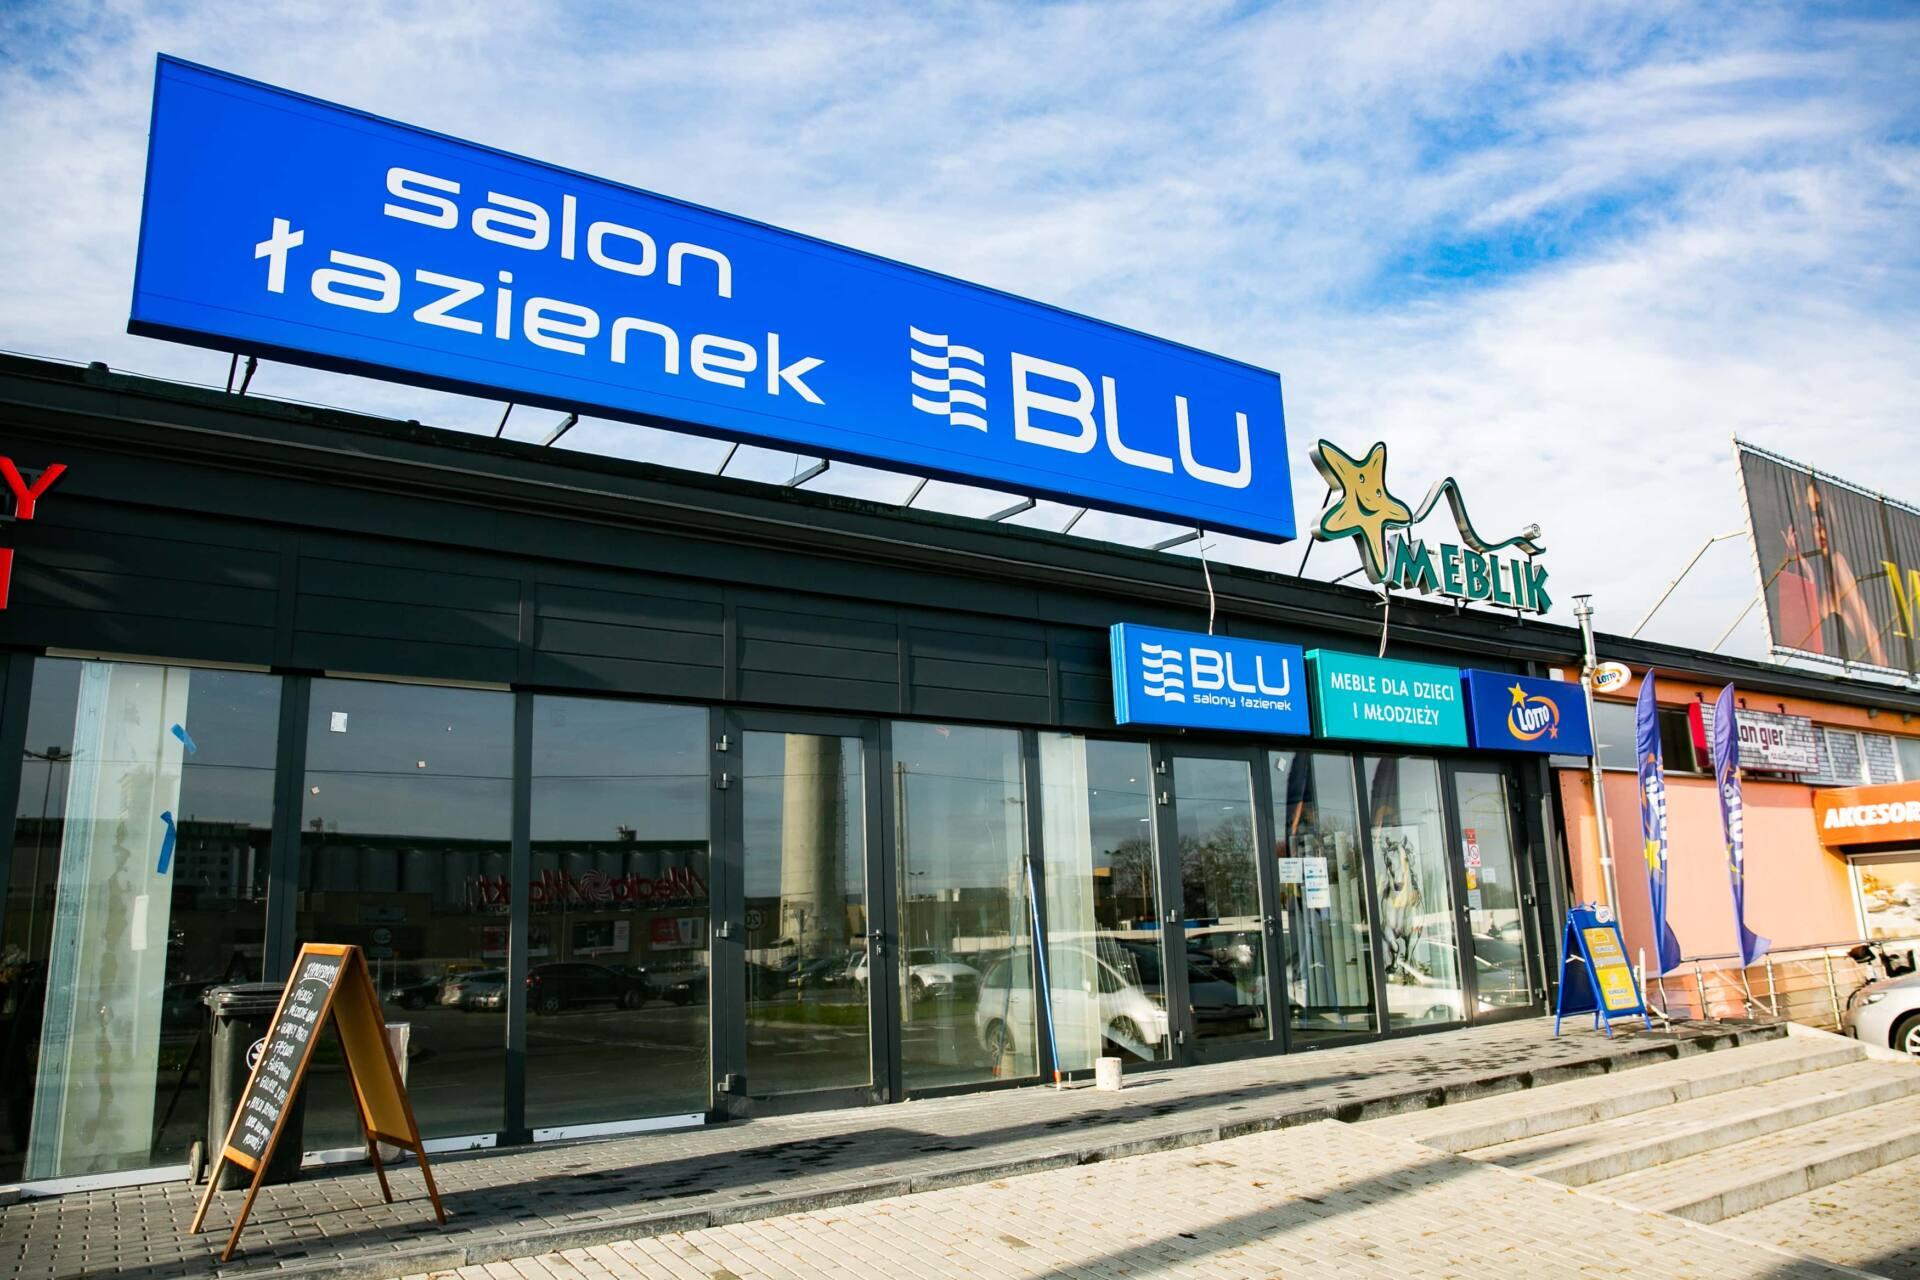 5db 5541 Salon BLU: na ponad 500 m2., 36 łazienkowych aranżacji i bogata ekspozycja wyposażenia (zdjęcia)